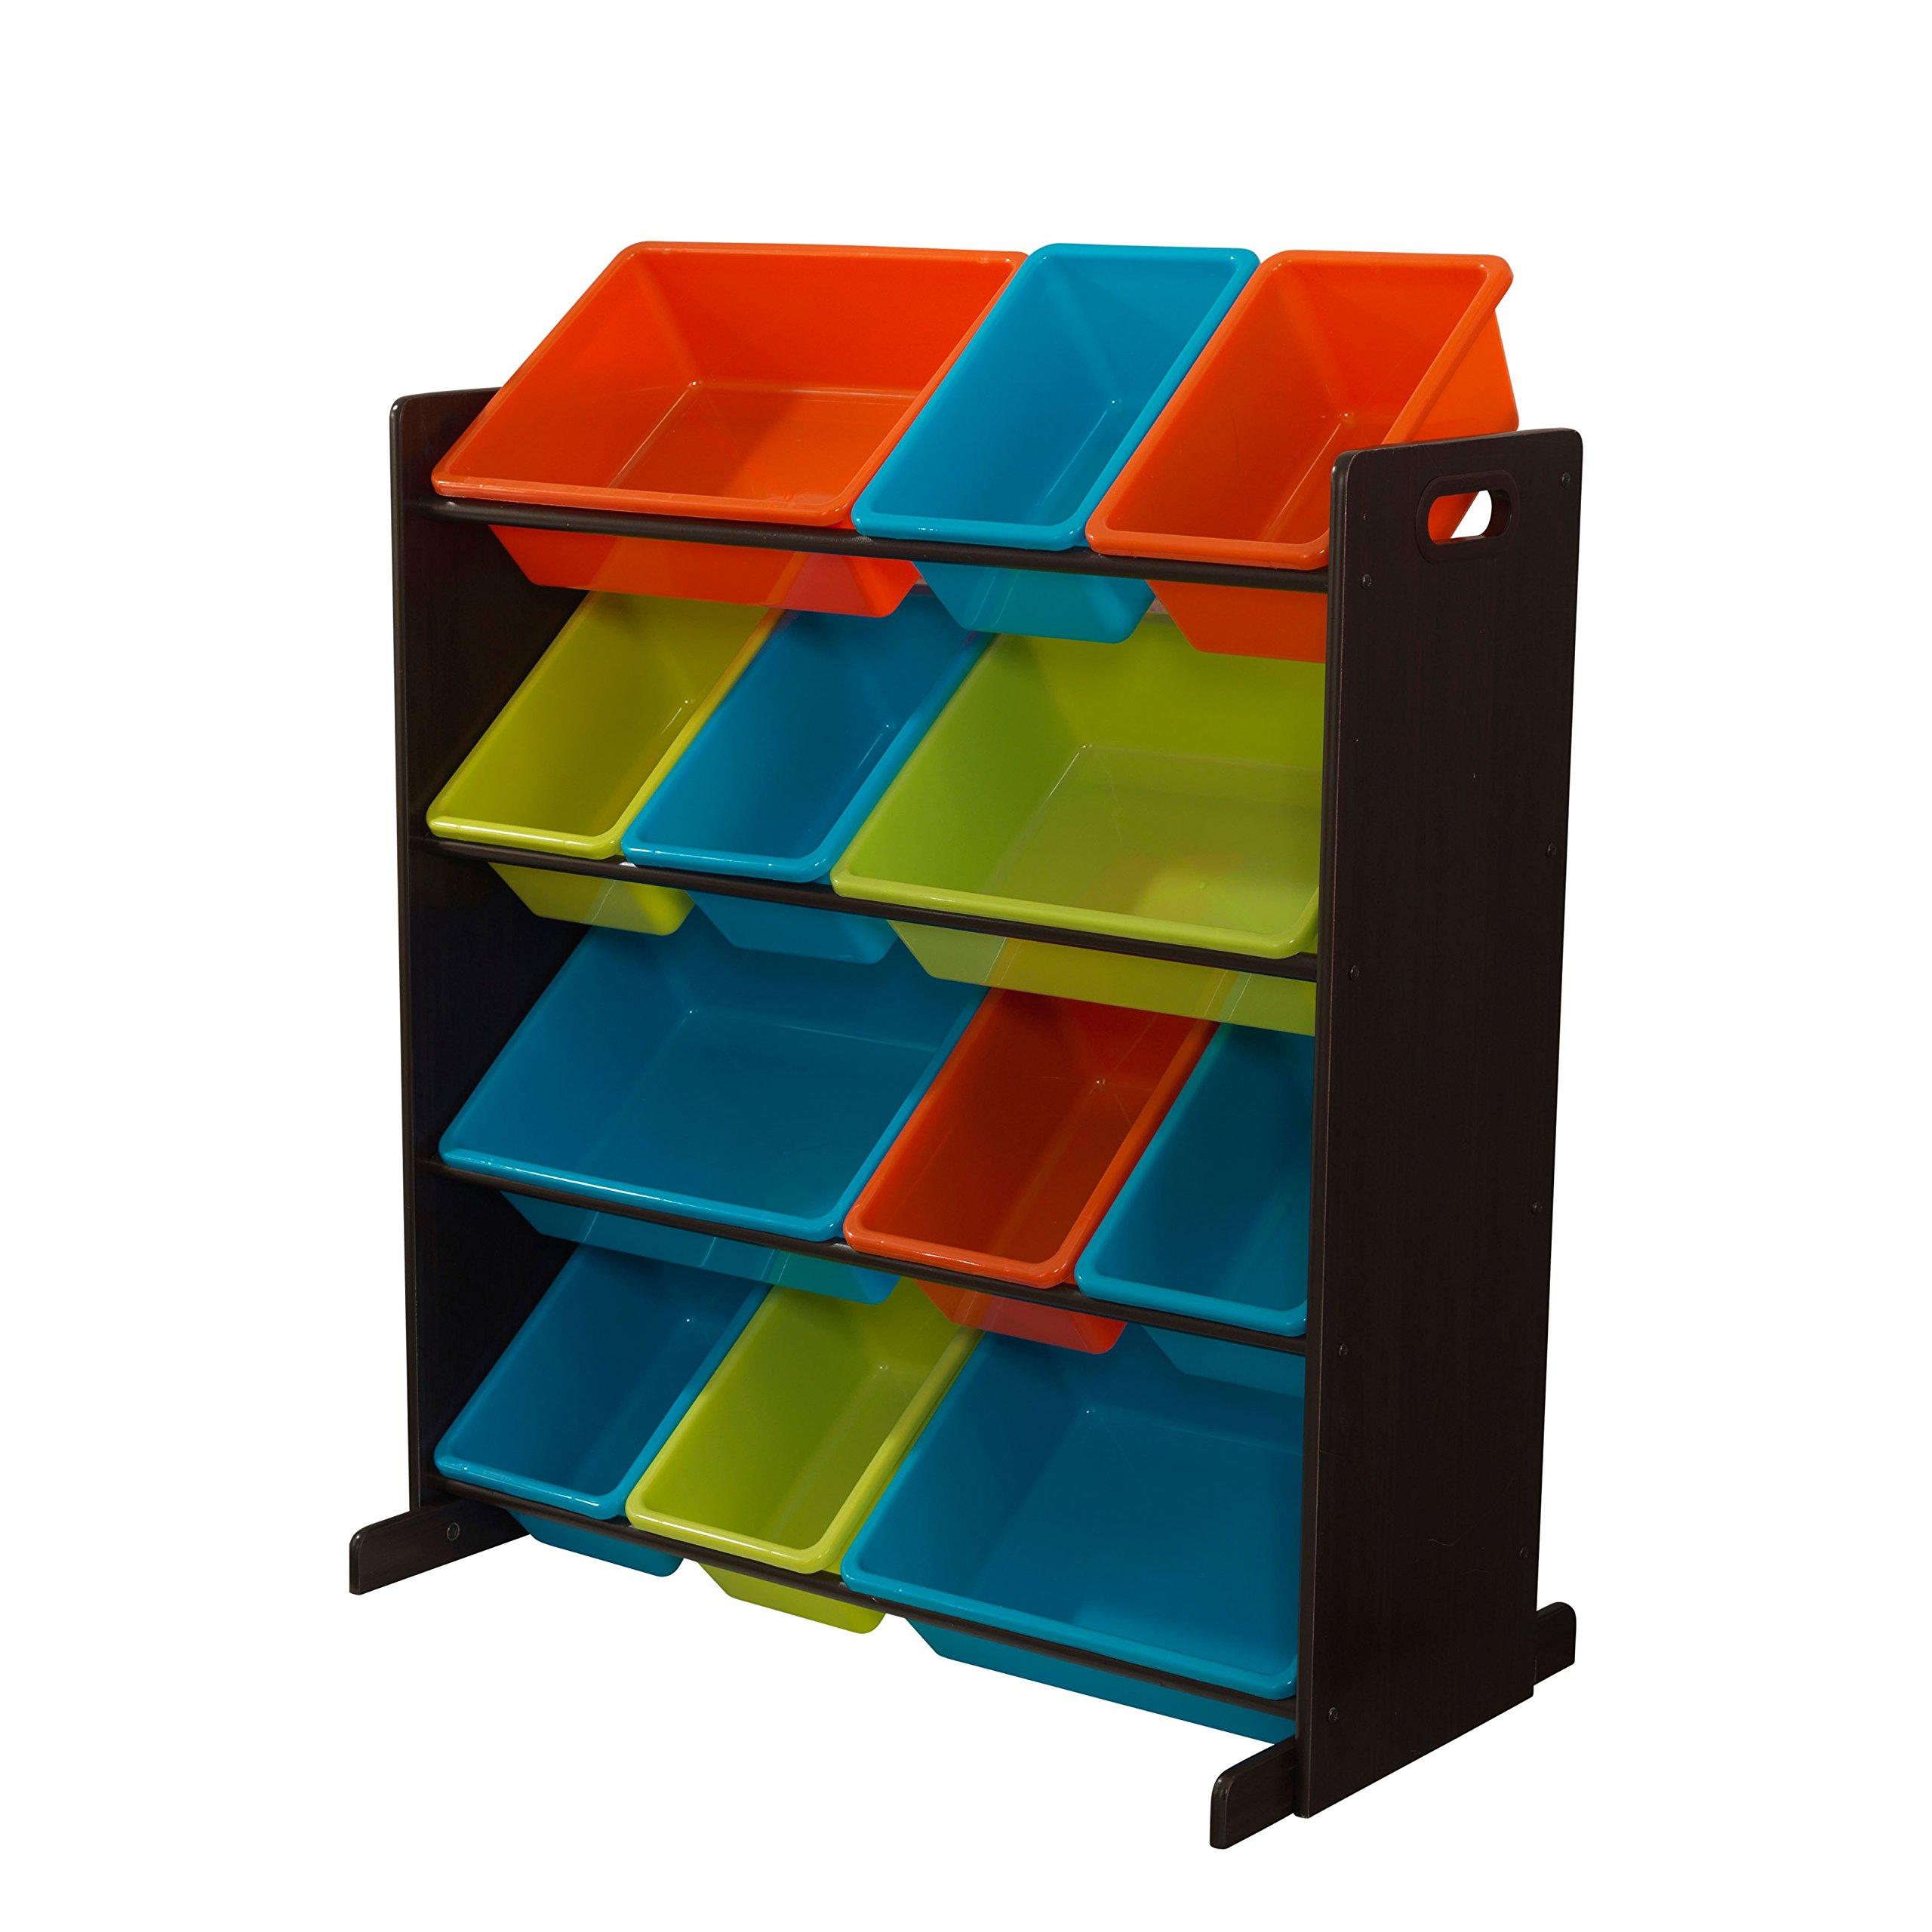 KidKraft Sort It & Store It Bin Unit - Bright